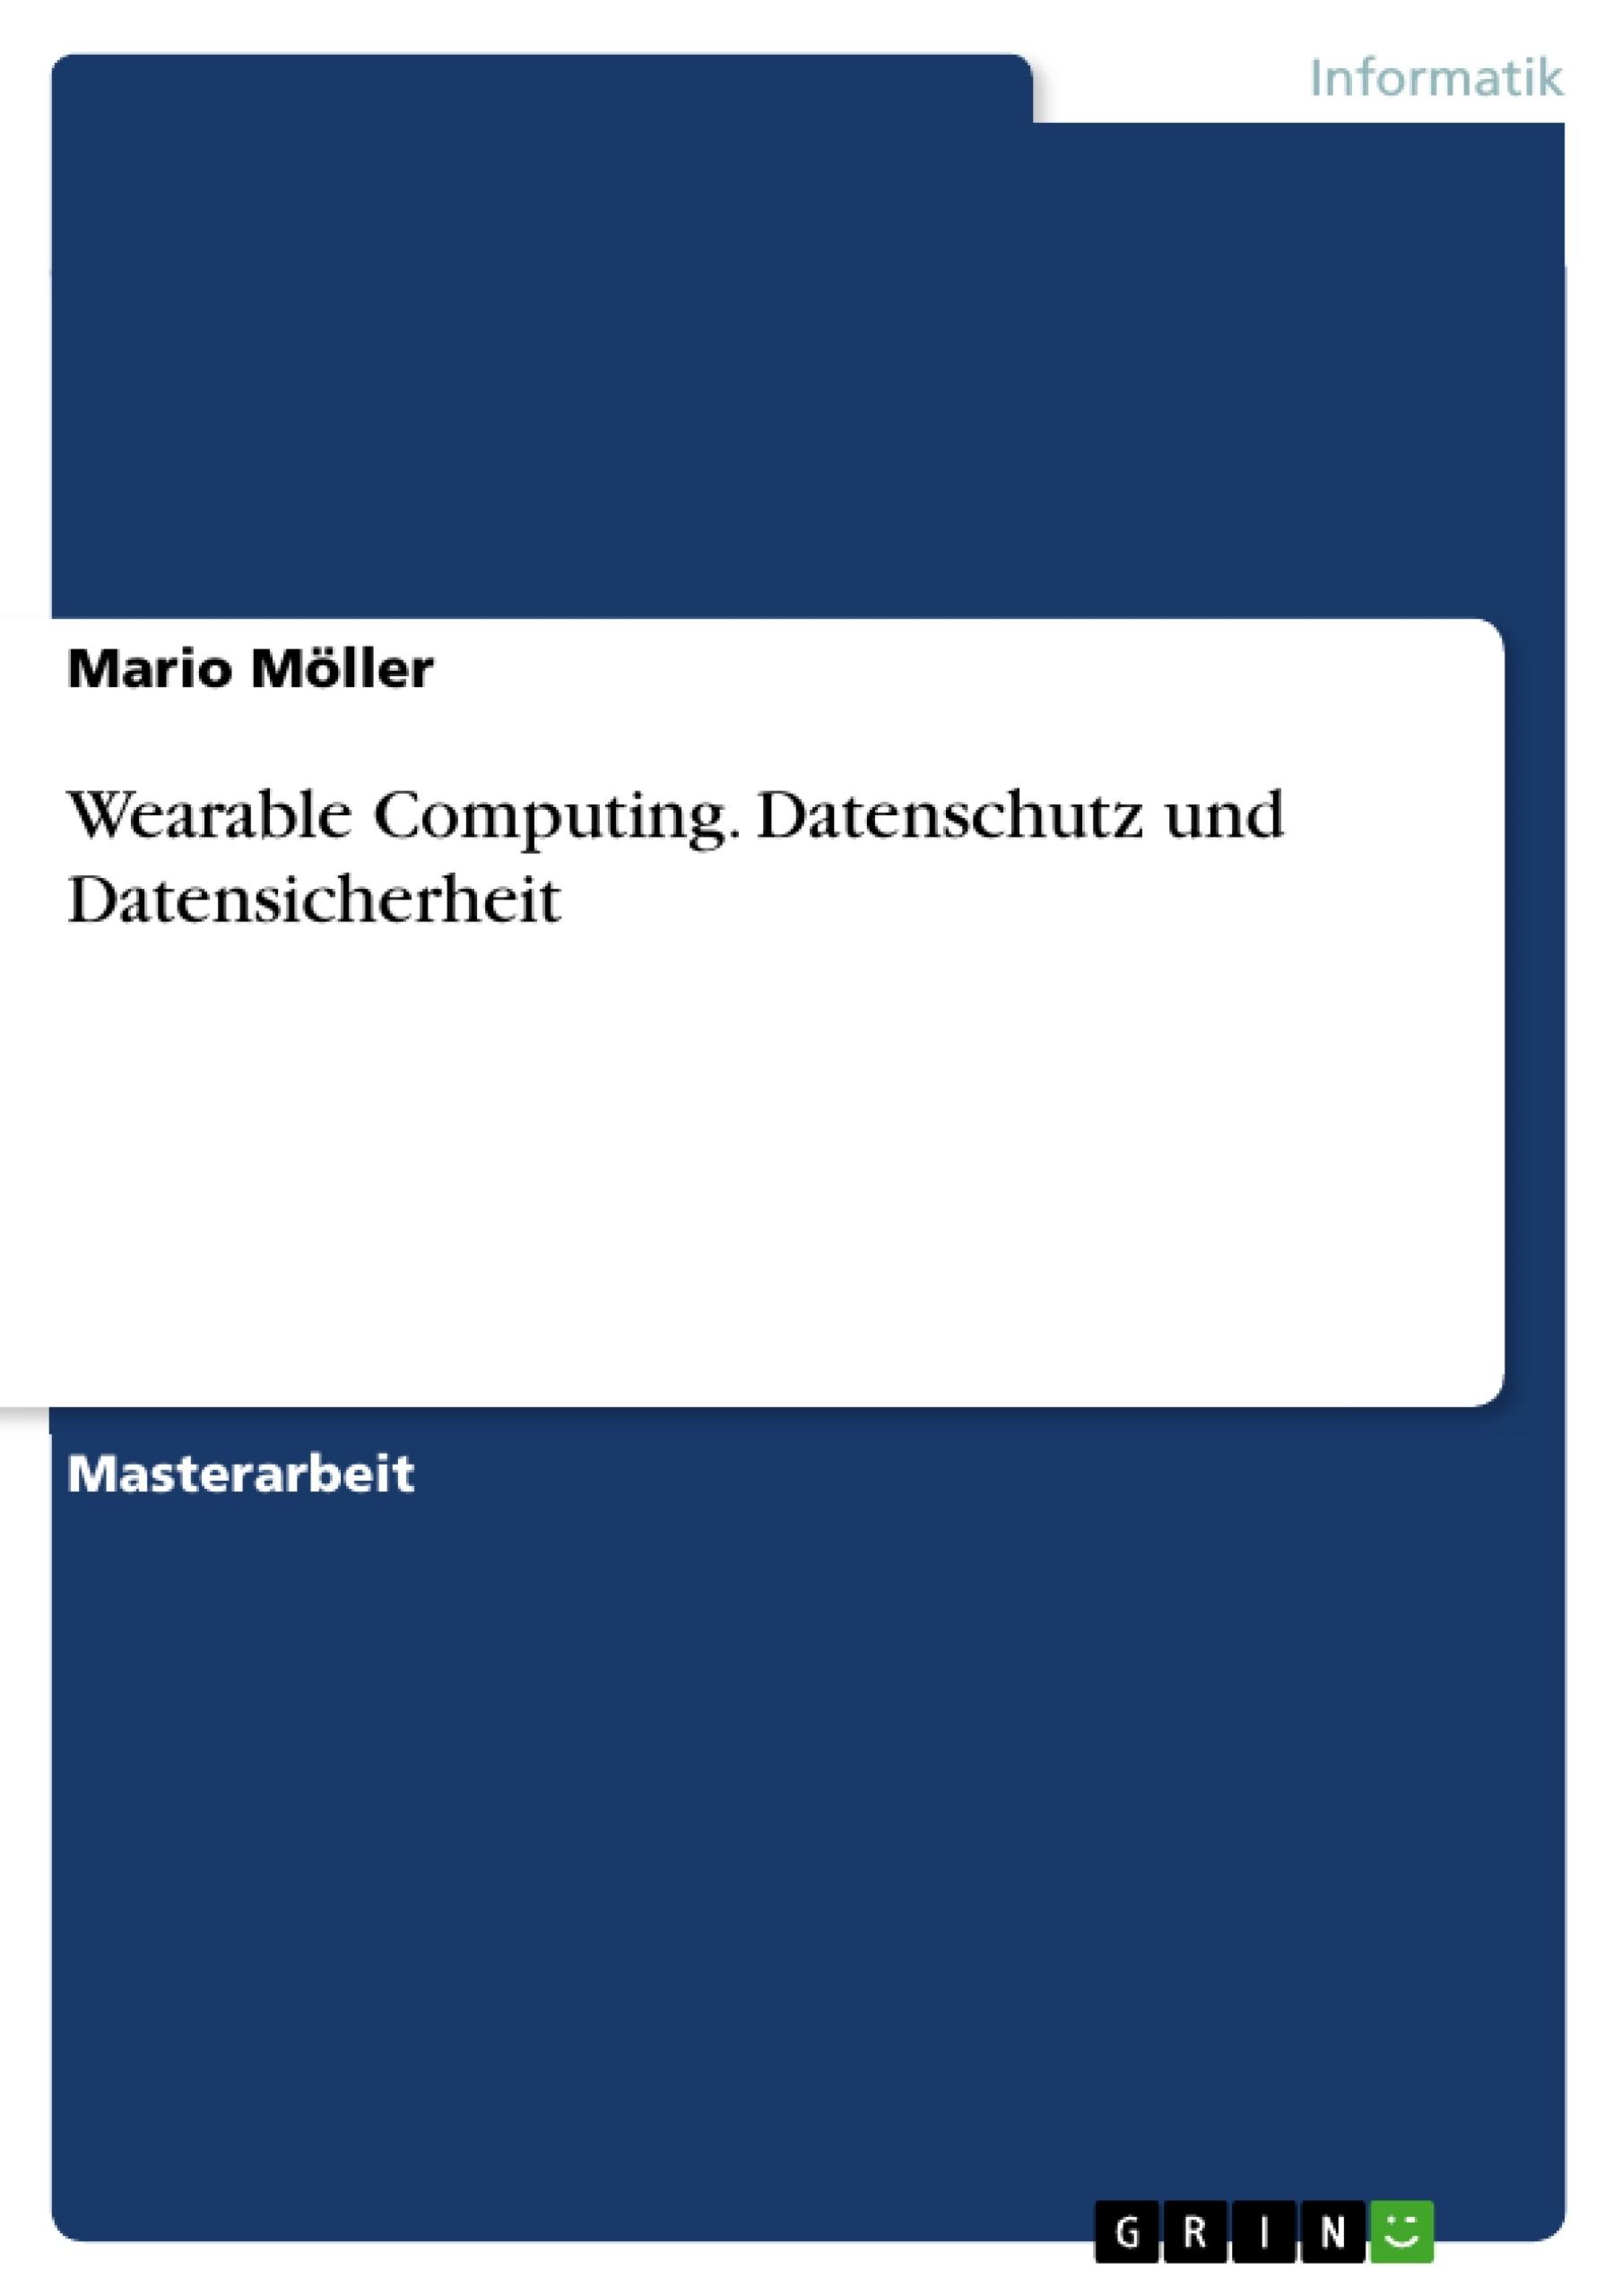 Titel: Wearable Computing. Datenschutz und Datensicherheit